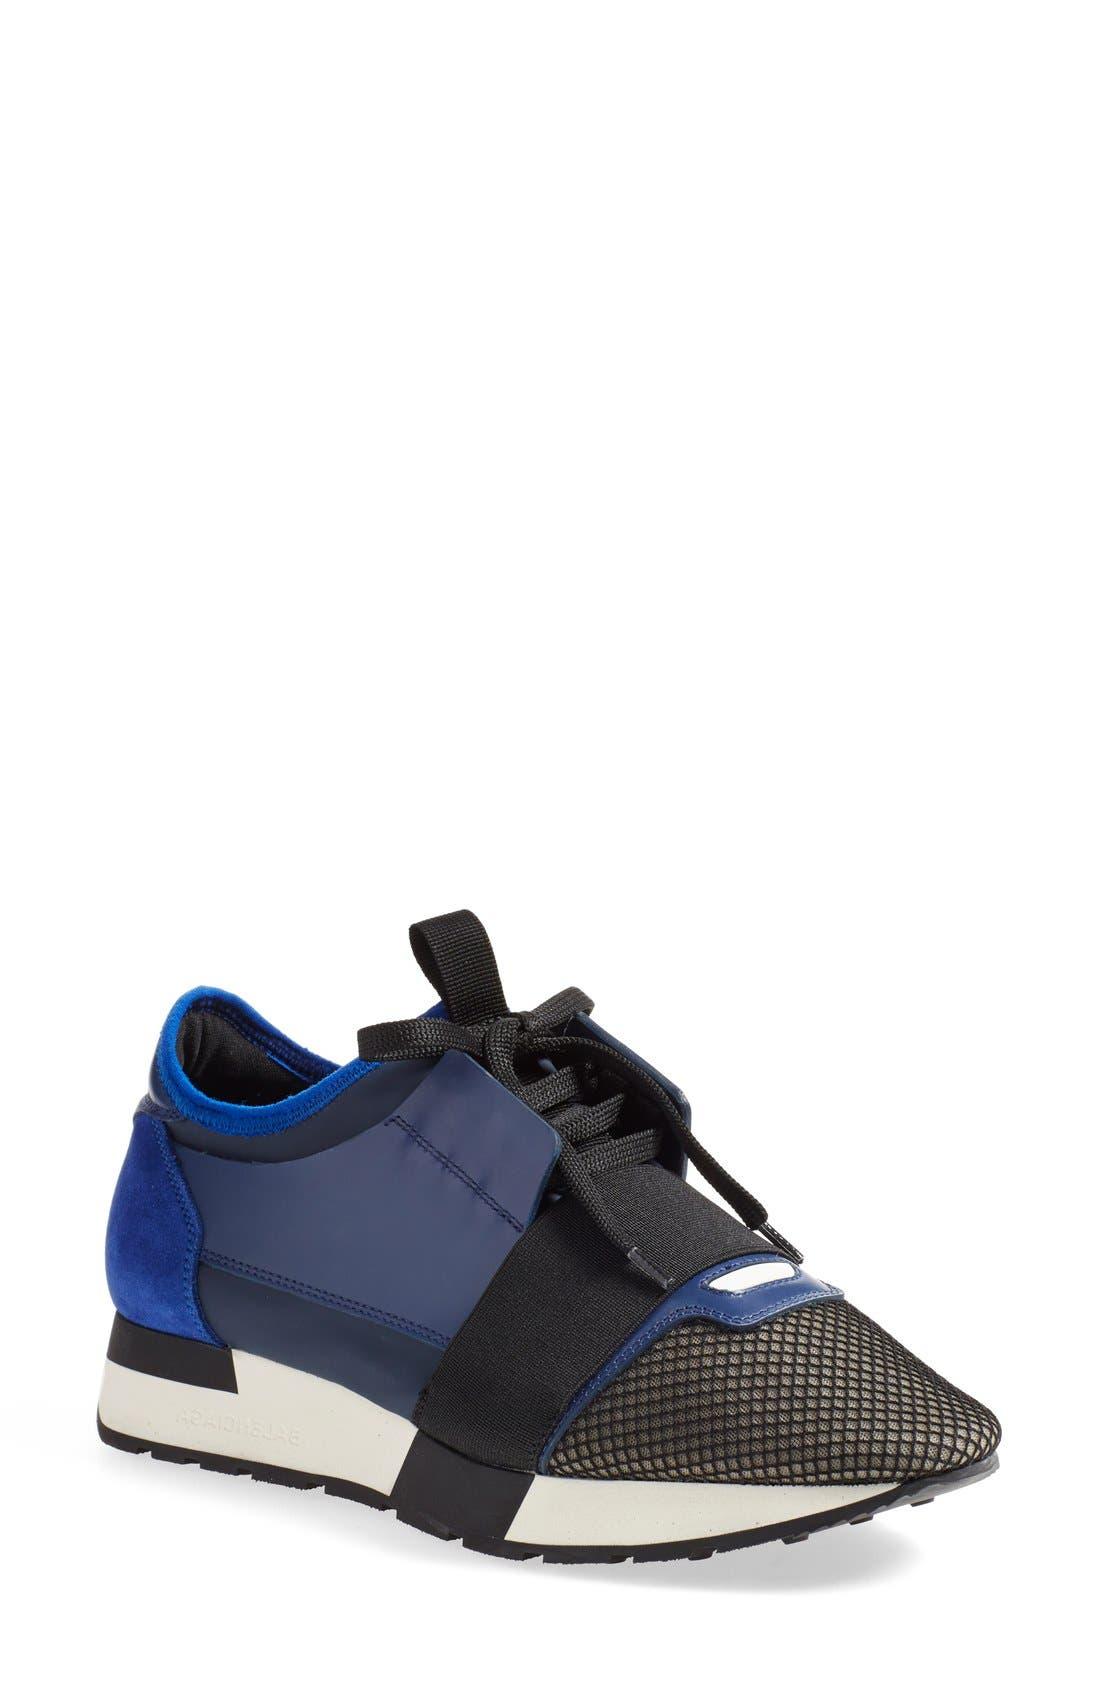 Alternate Image 1 Selected - Balenciaga Mixed Media Sneaker (Women)